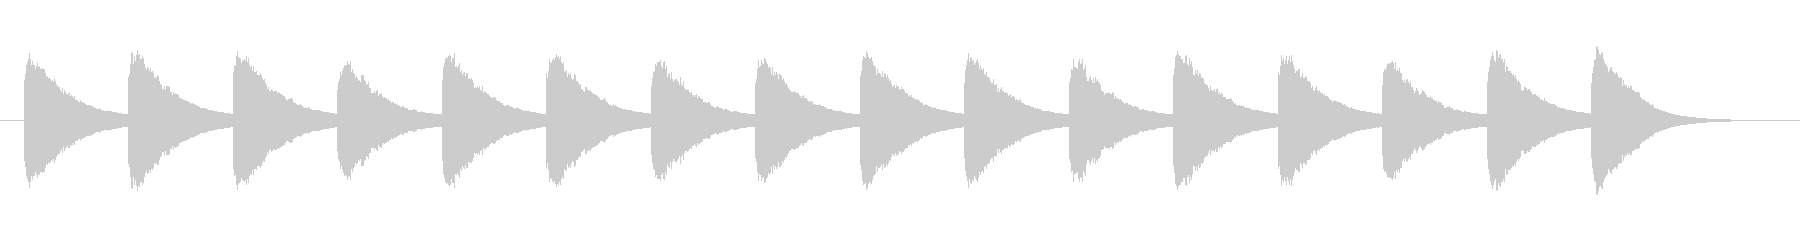 近未来時計カウント音6の未再生の波形